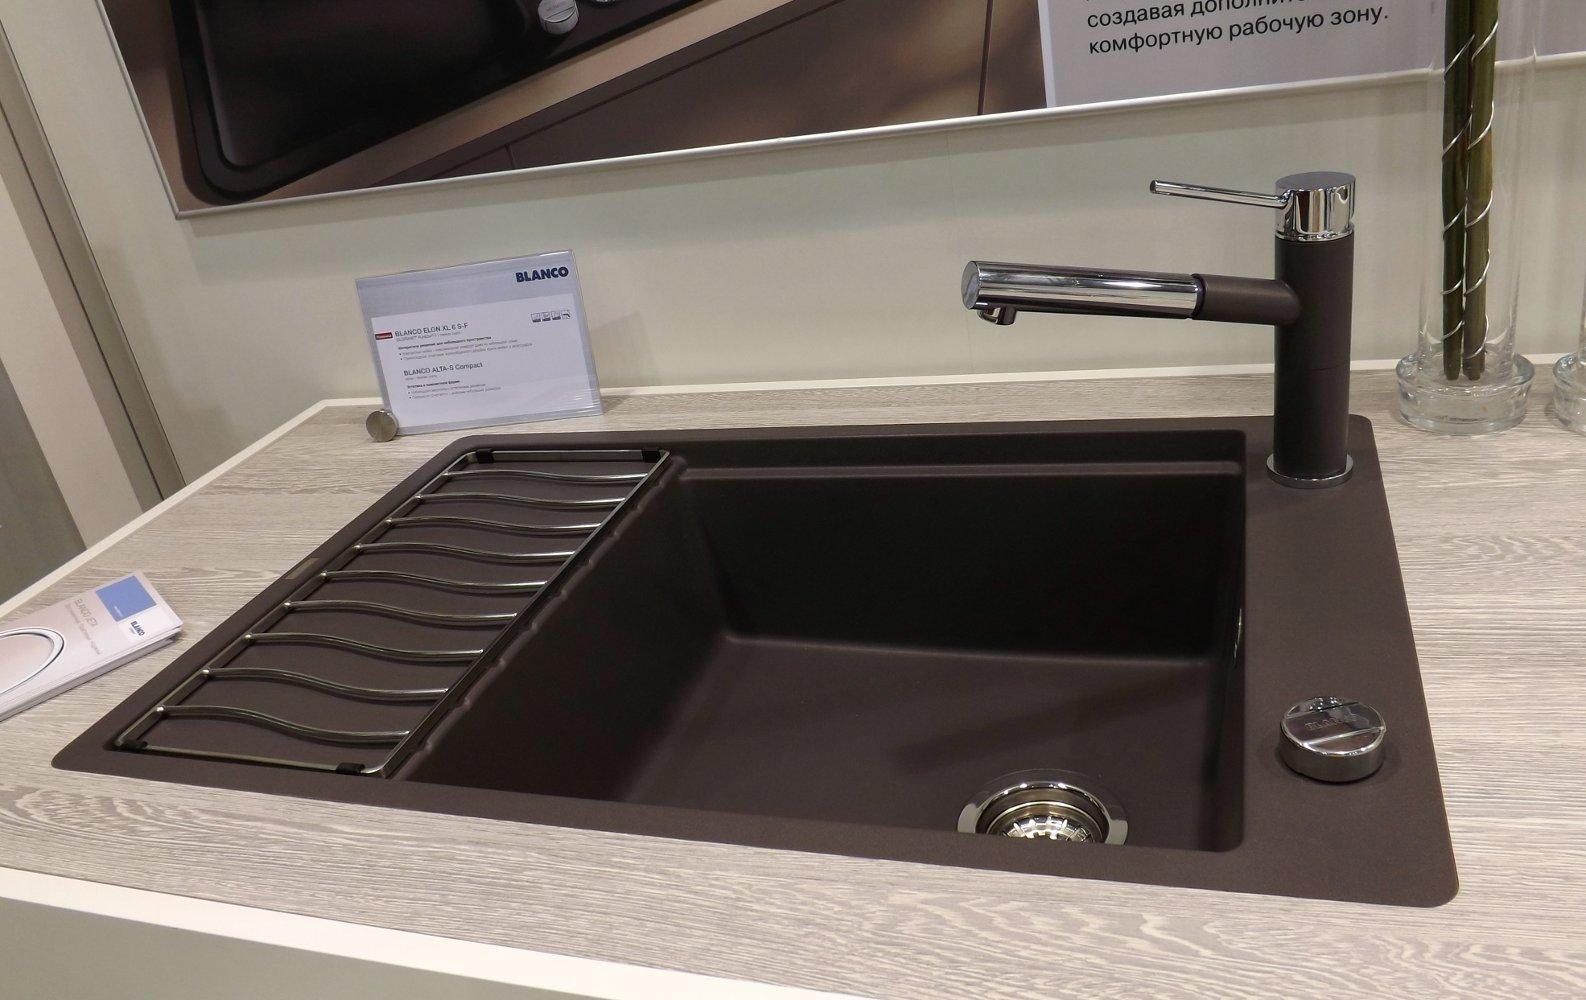 Кухонная мойка ELON XL 6 S-F и смеситель ALTA-S Compact. Вид А